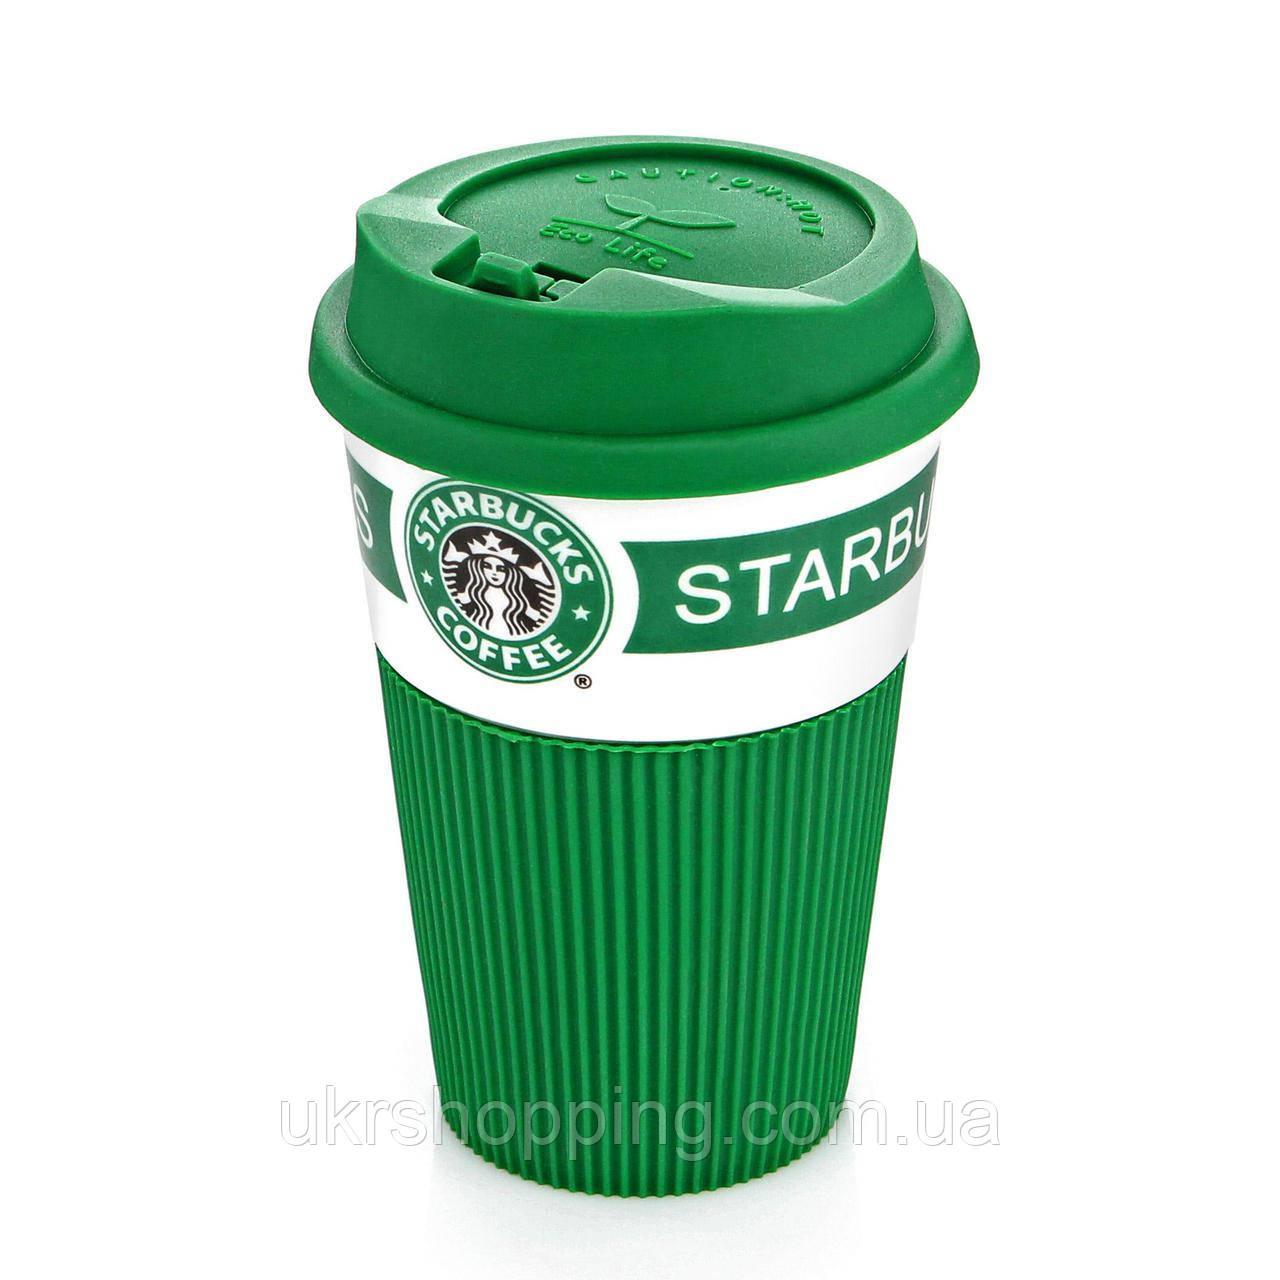 🔝 Термокружка Starbucks Старбакс керамическая термочашка, Зеленая, кружка с доставкой по Украине   🎁%🚚